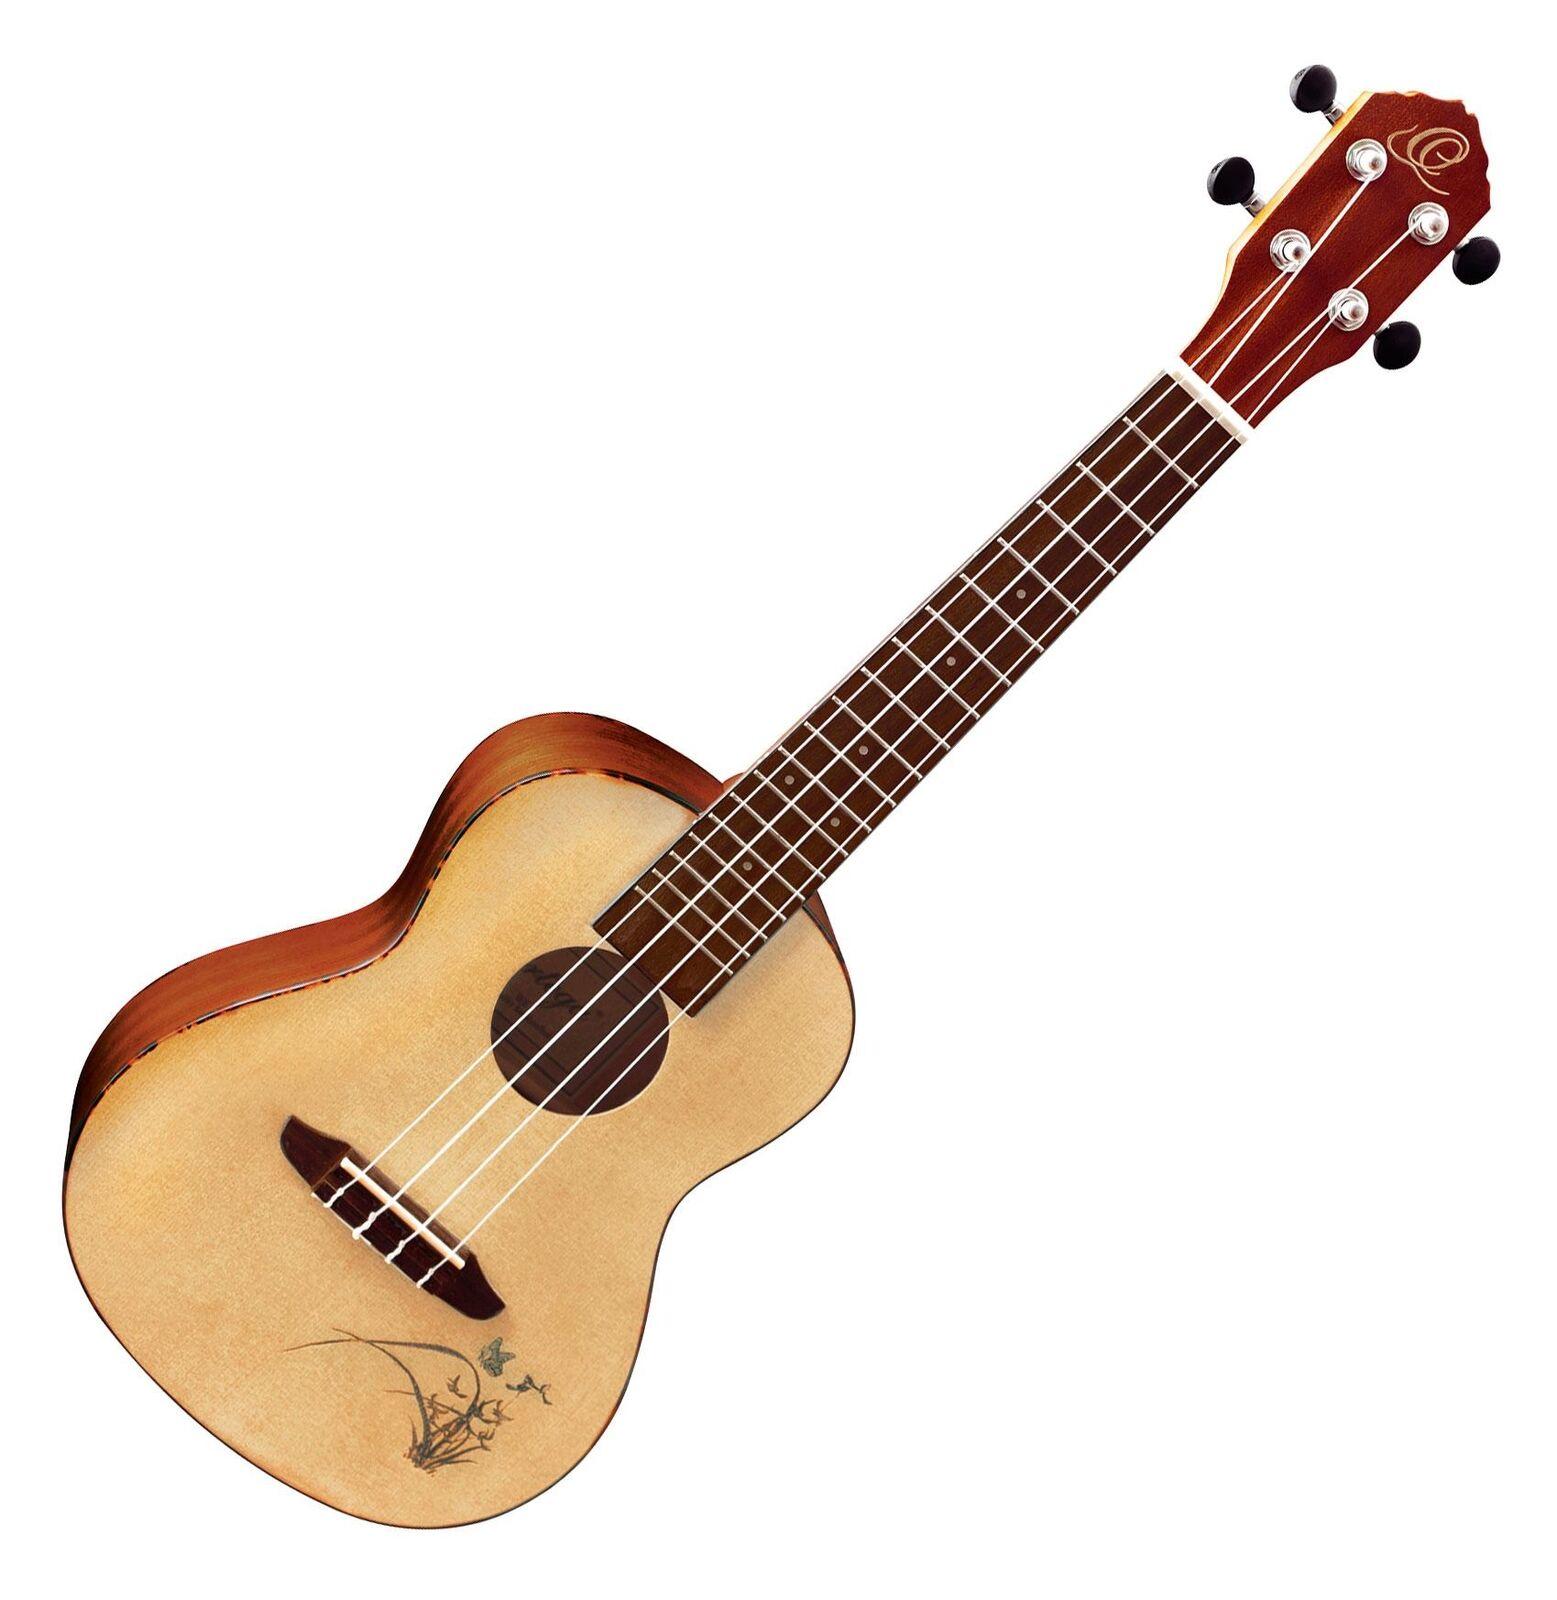 Wunderschöne Ortega Konzert Ukulele aus Sapele in Natur - Ideal für unterwegs